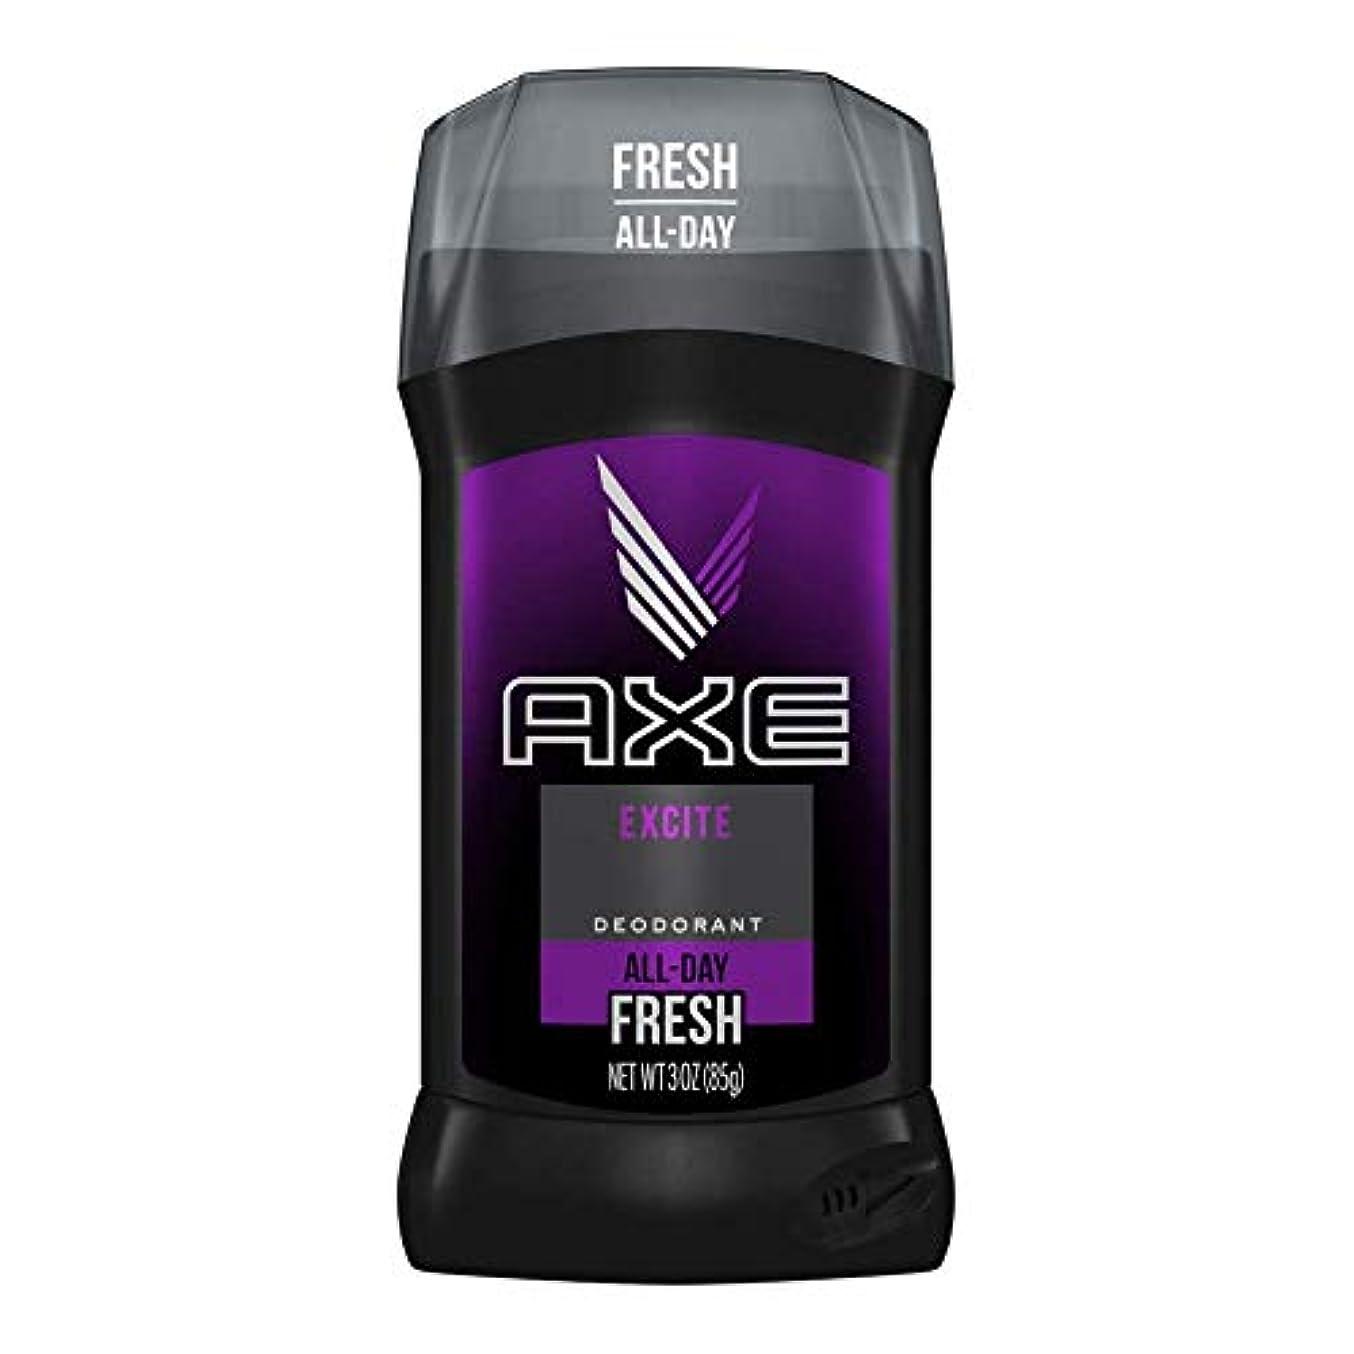 混乱作曲家外交AXE Excite Deodorant Stick 3 oz 2 pack [並行輸入品]